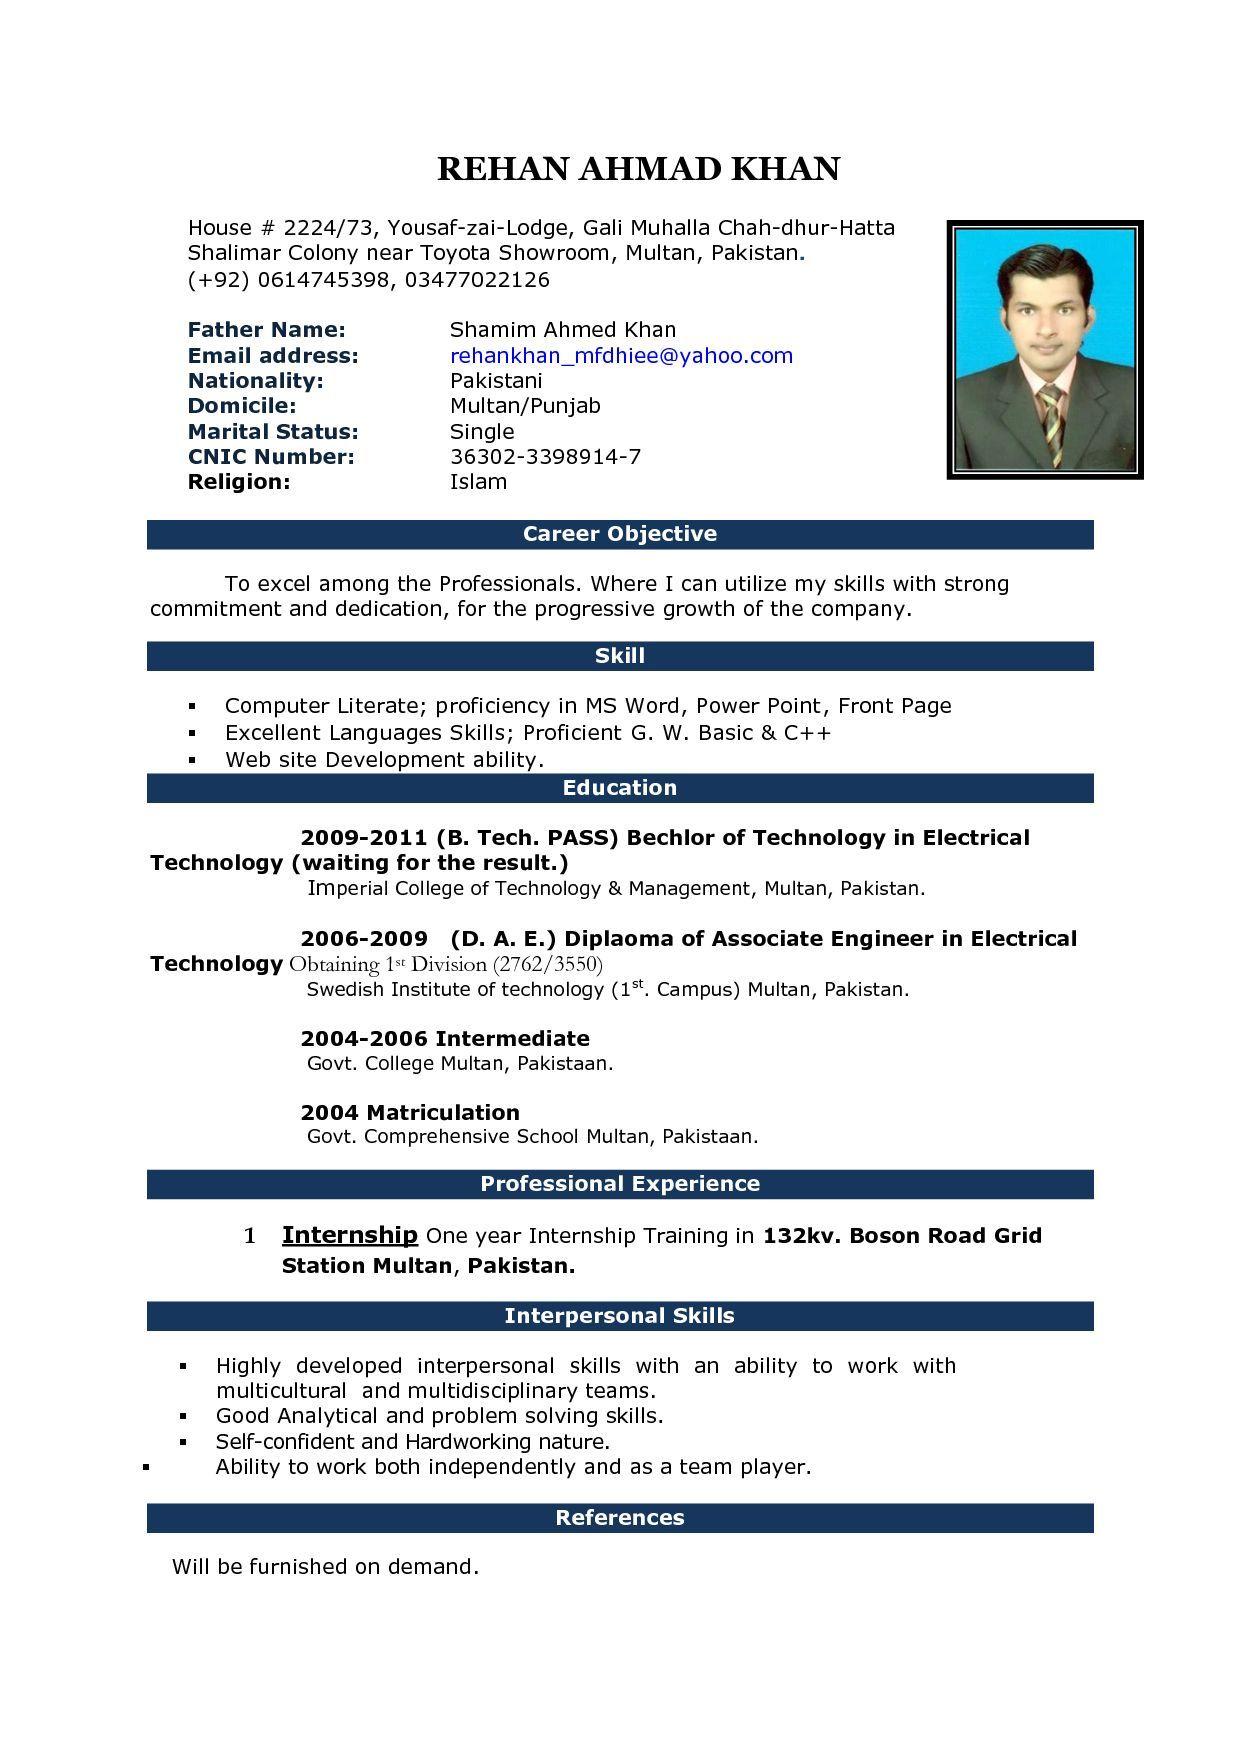 Image Result For Fresher Resume Format Download In Ms Word Desktop